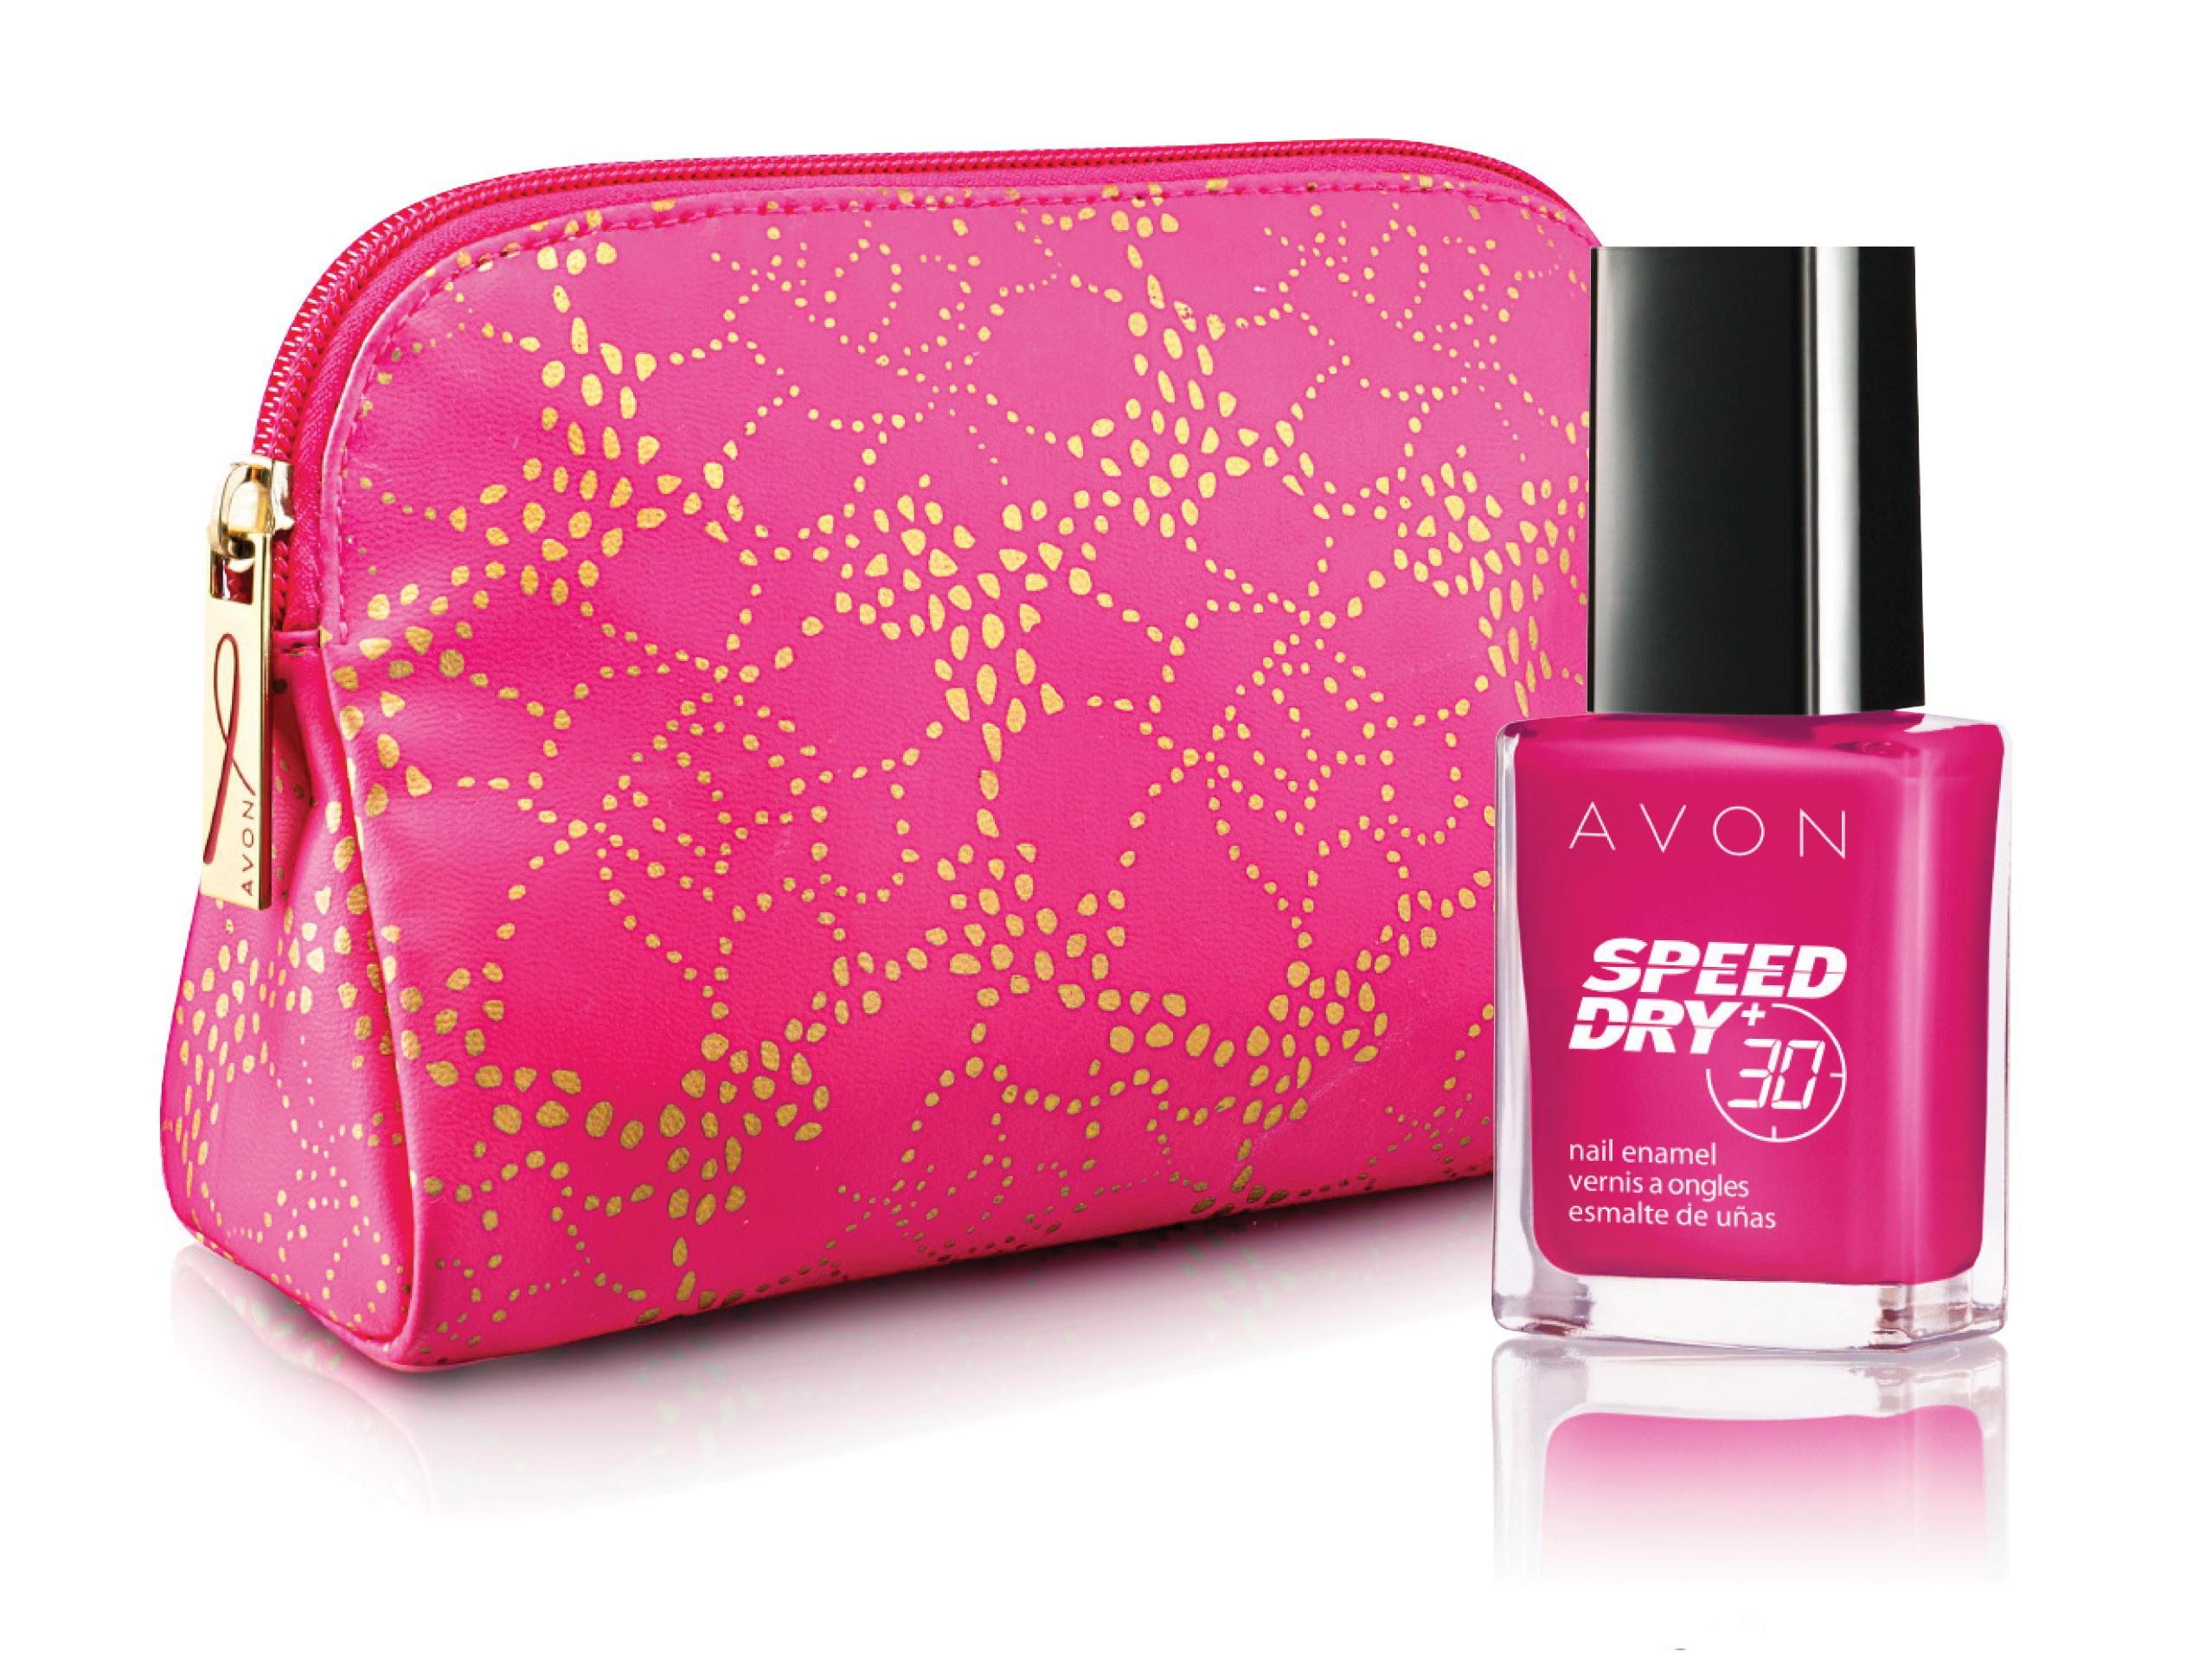 Topnotch Avon: lakier do paznokci, kosmetyczka,cena - Uroda XO56